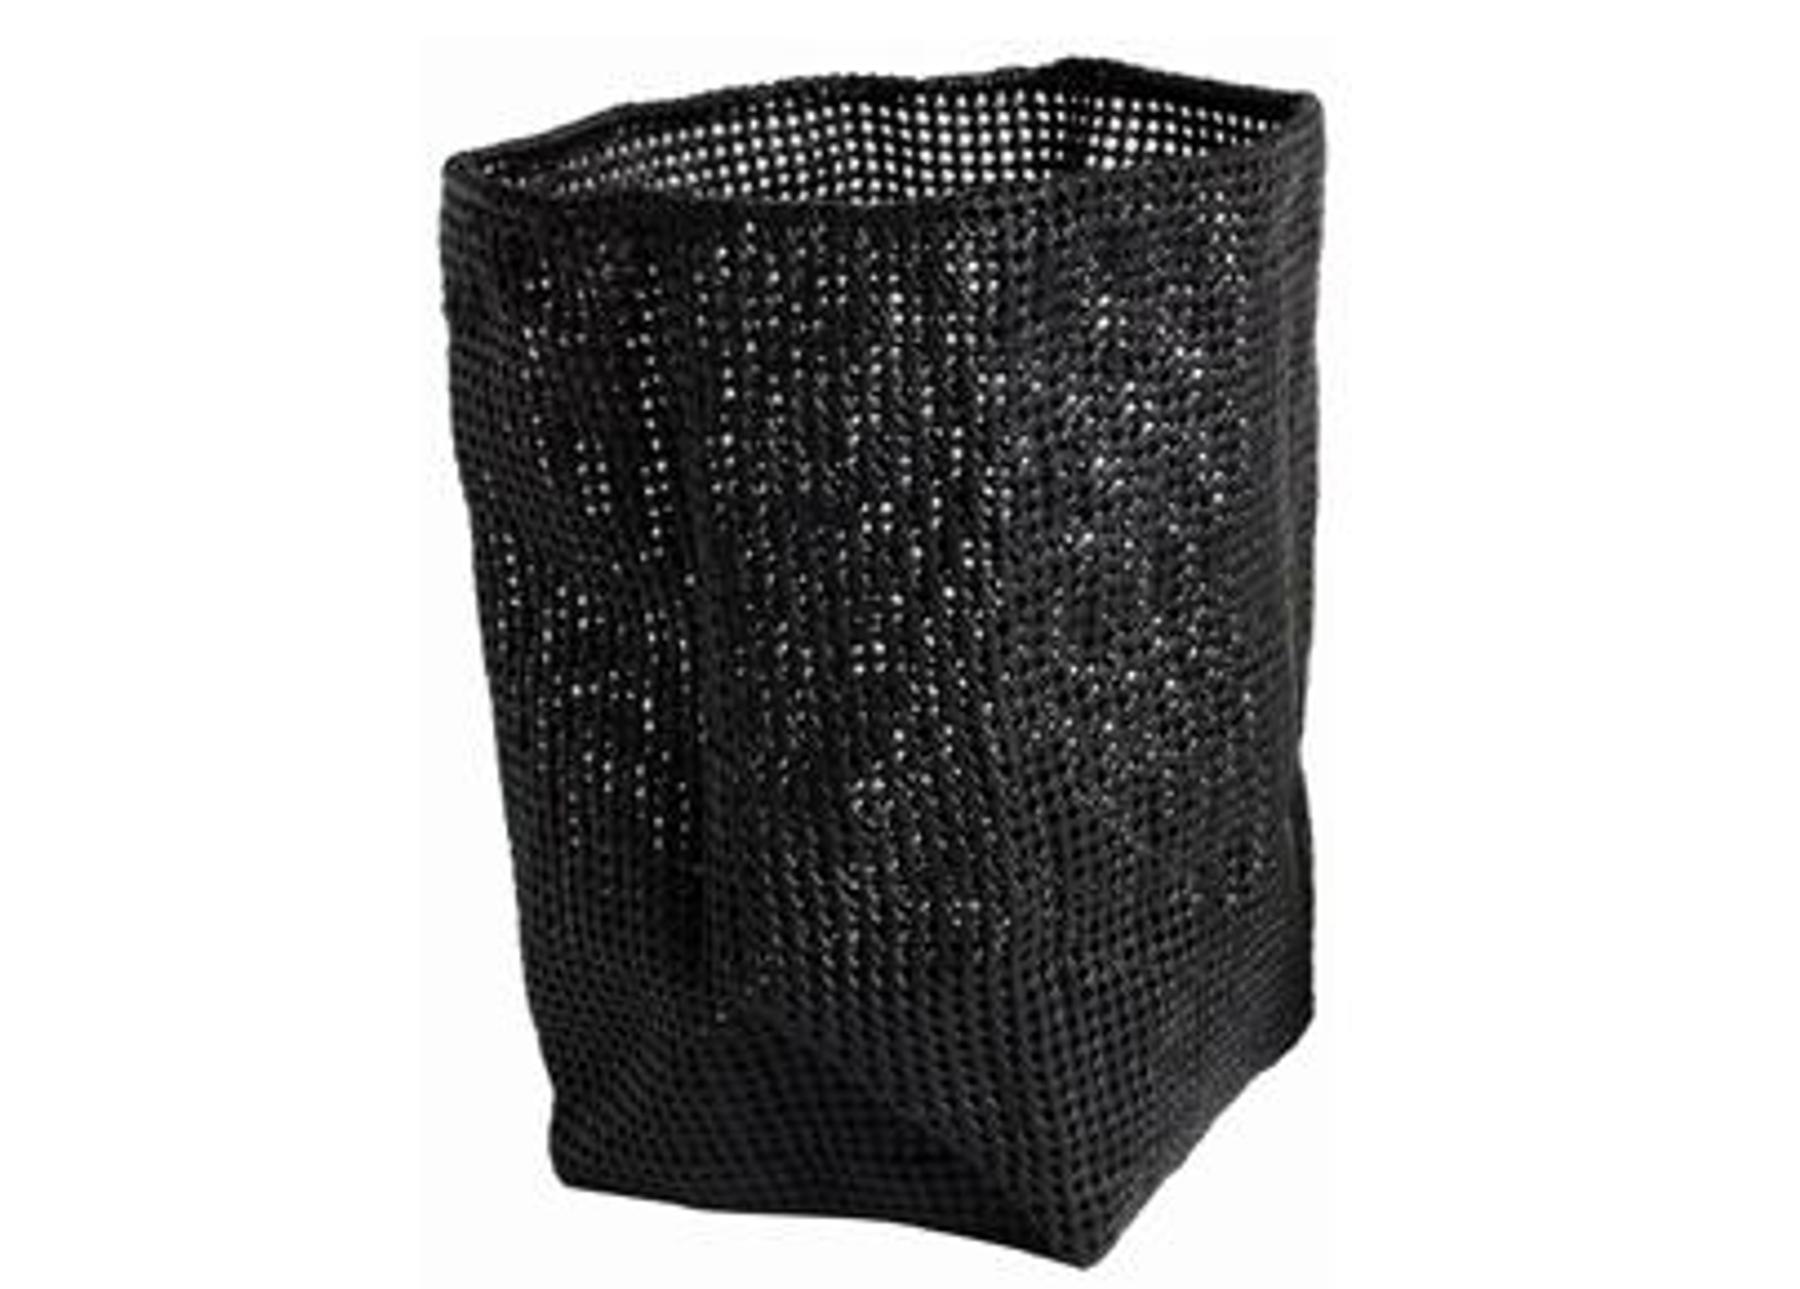 gro er w schekorb tube in schwarz oder wei von m ve tujuh sch ne dinge. Black Bedroom Furniture Sets. Home Design Ideas